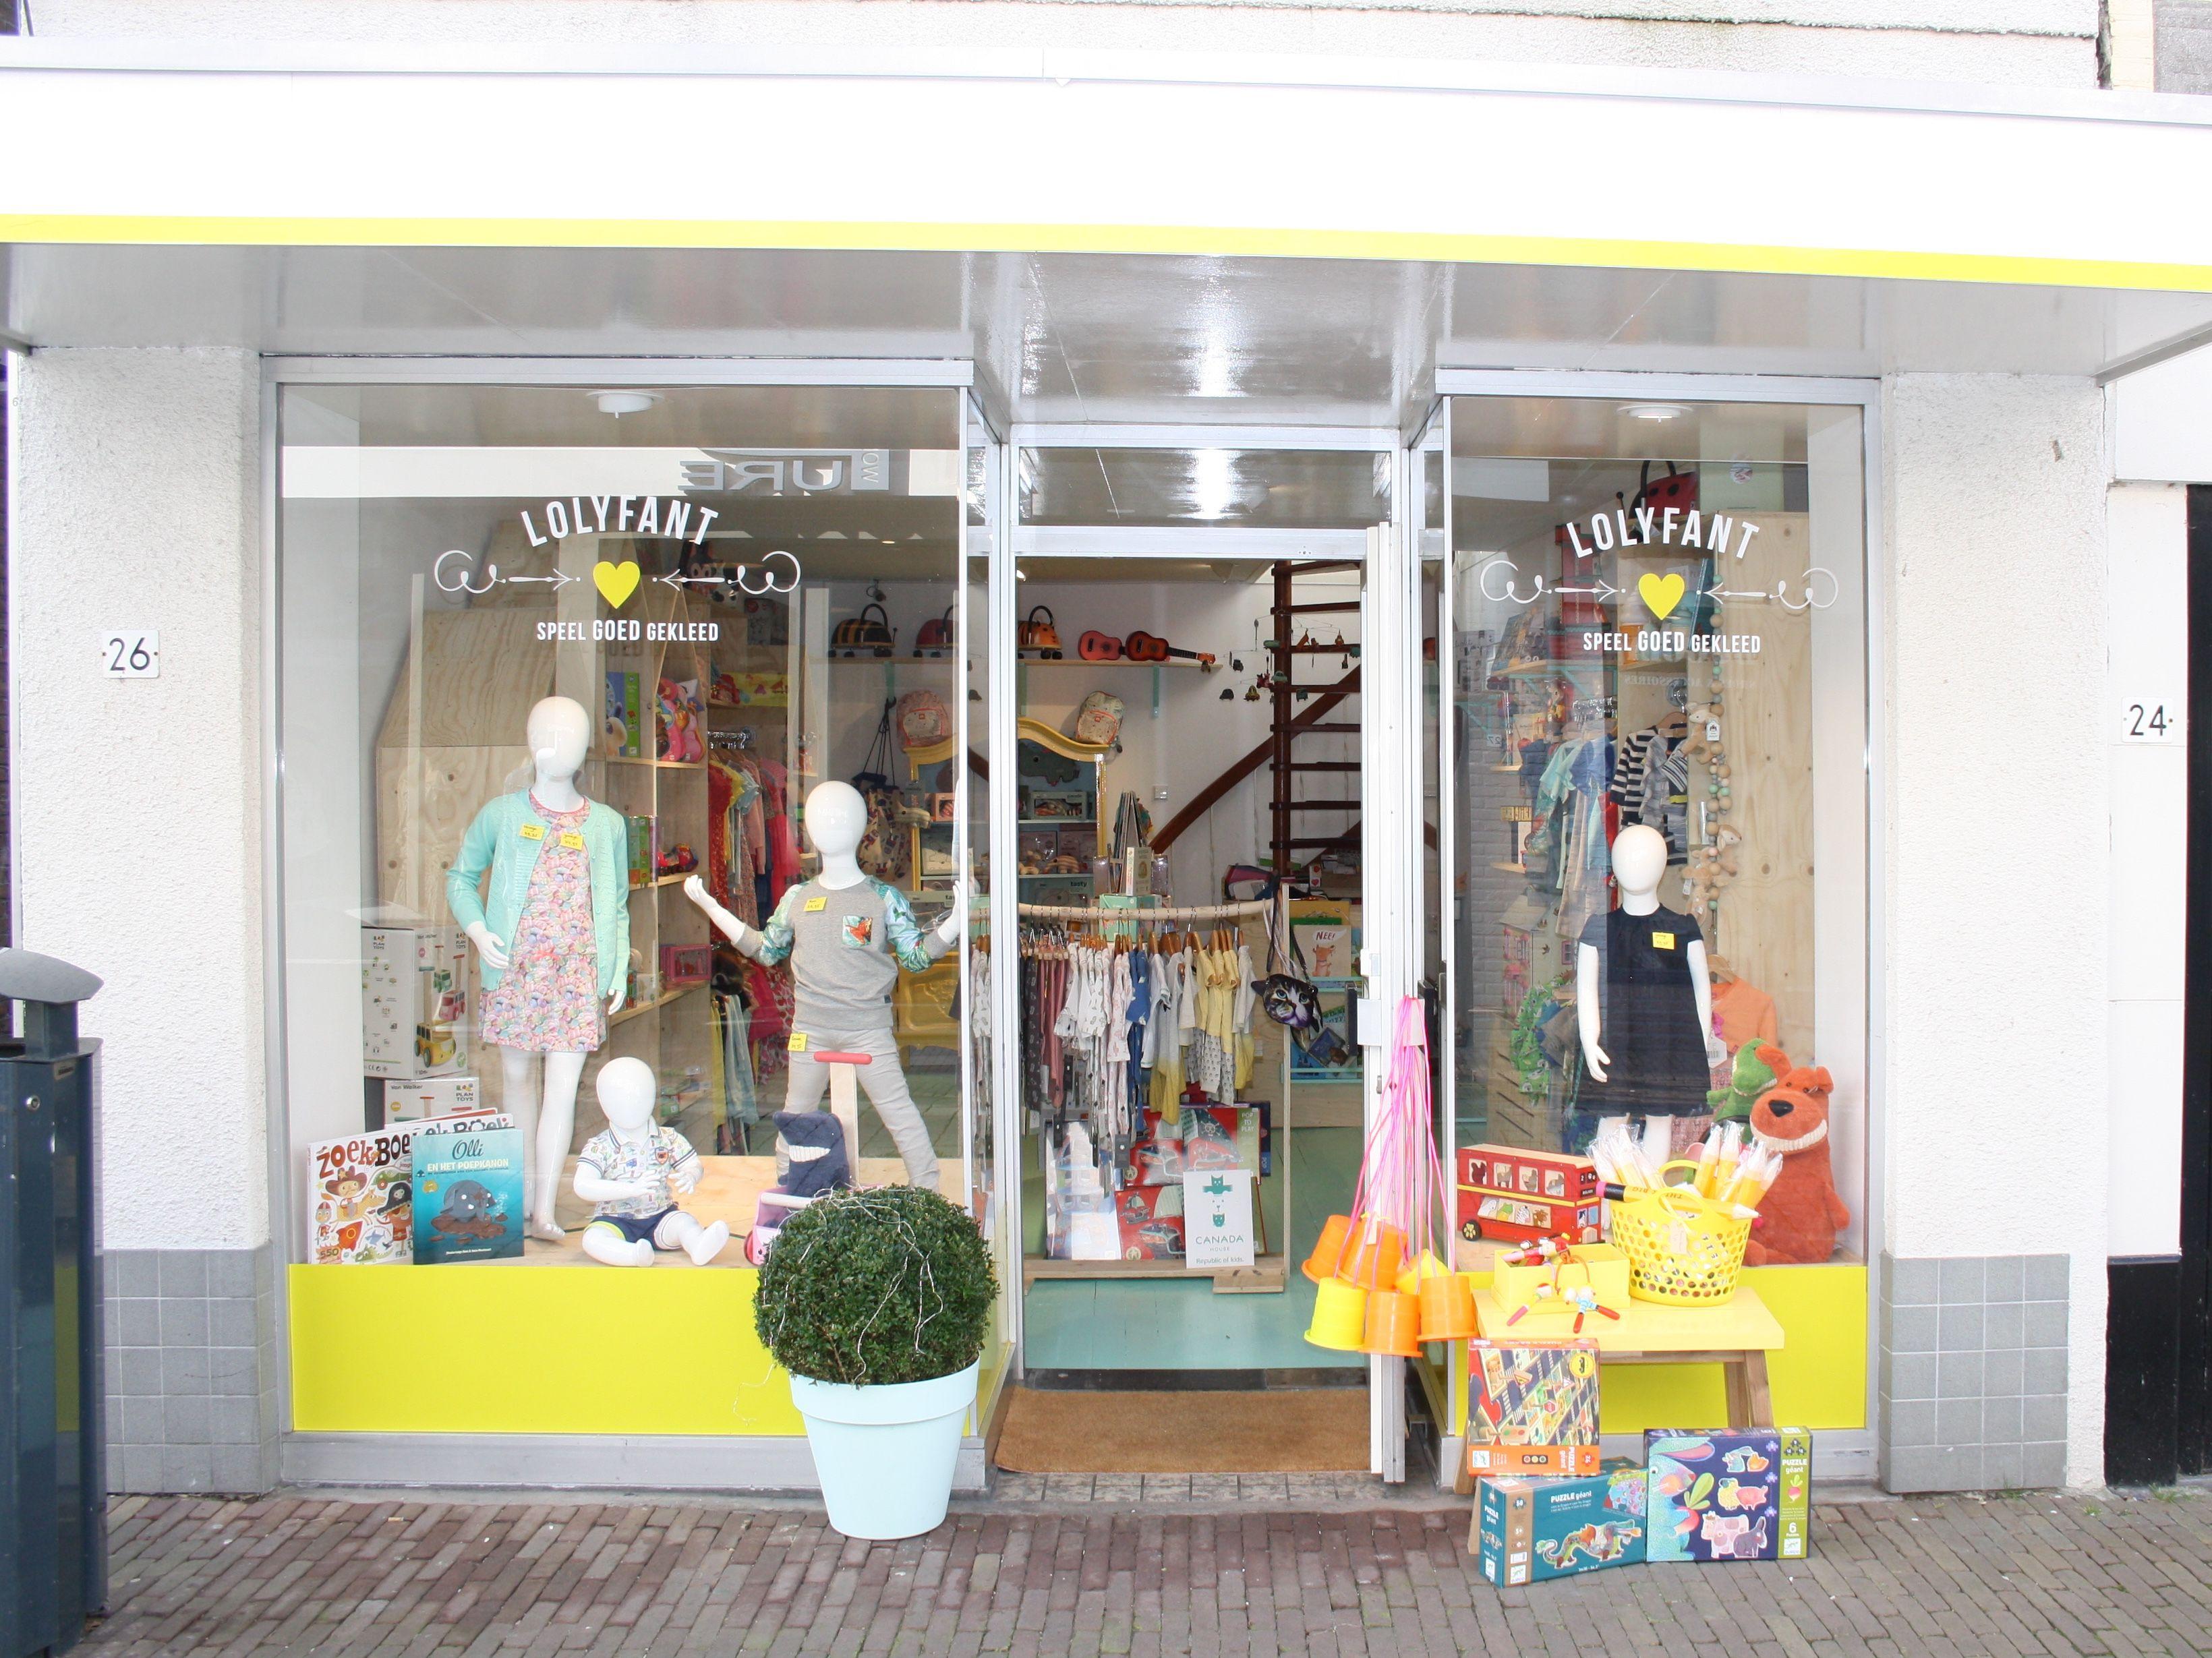 Pin Van Lolyfant Kinderwinkel Op Lolyfant Kinderwinkel Kinderwinkel Speelgoed Spel